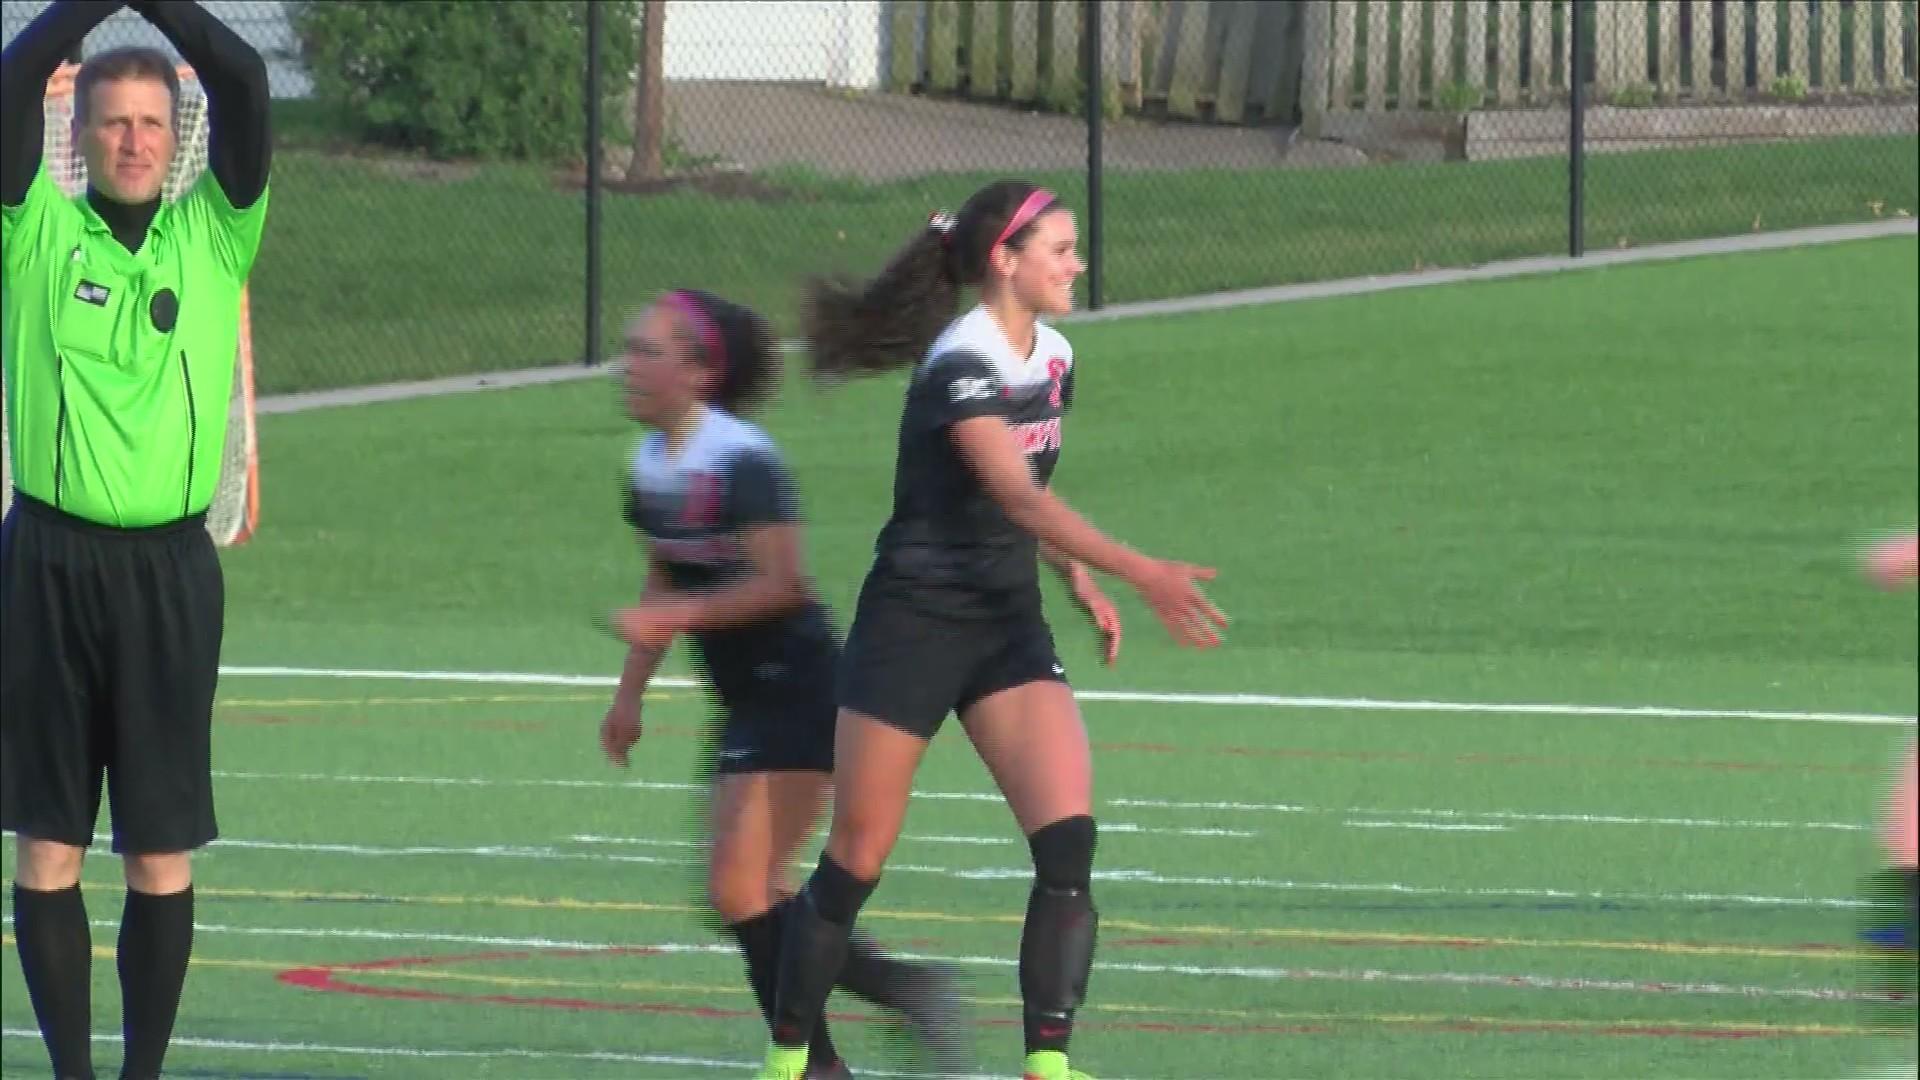 Assumption Girls win 5-0.